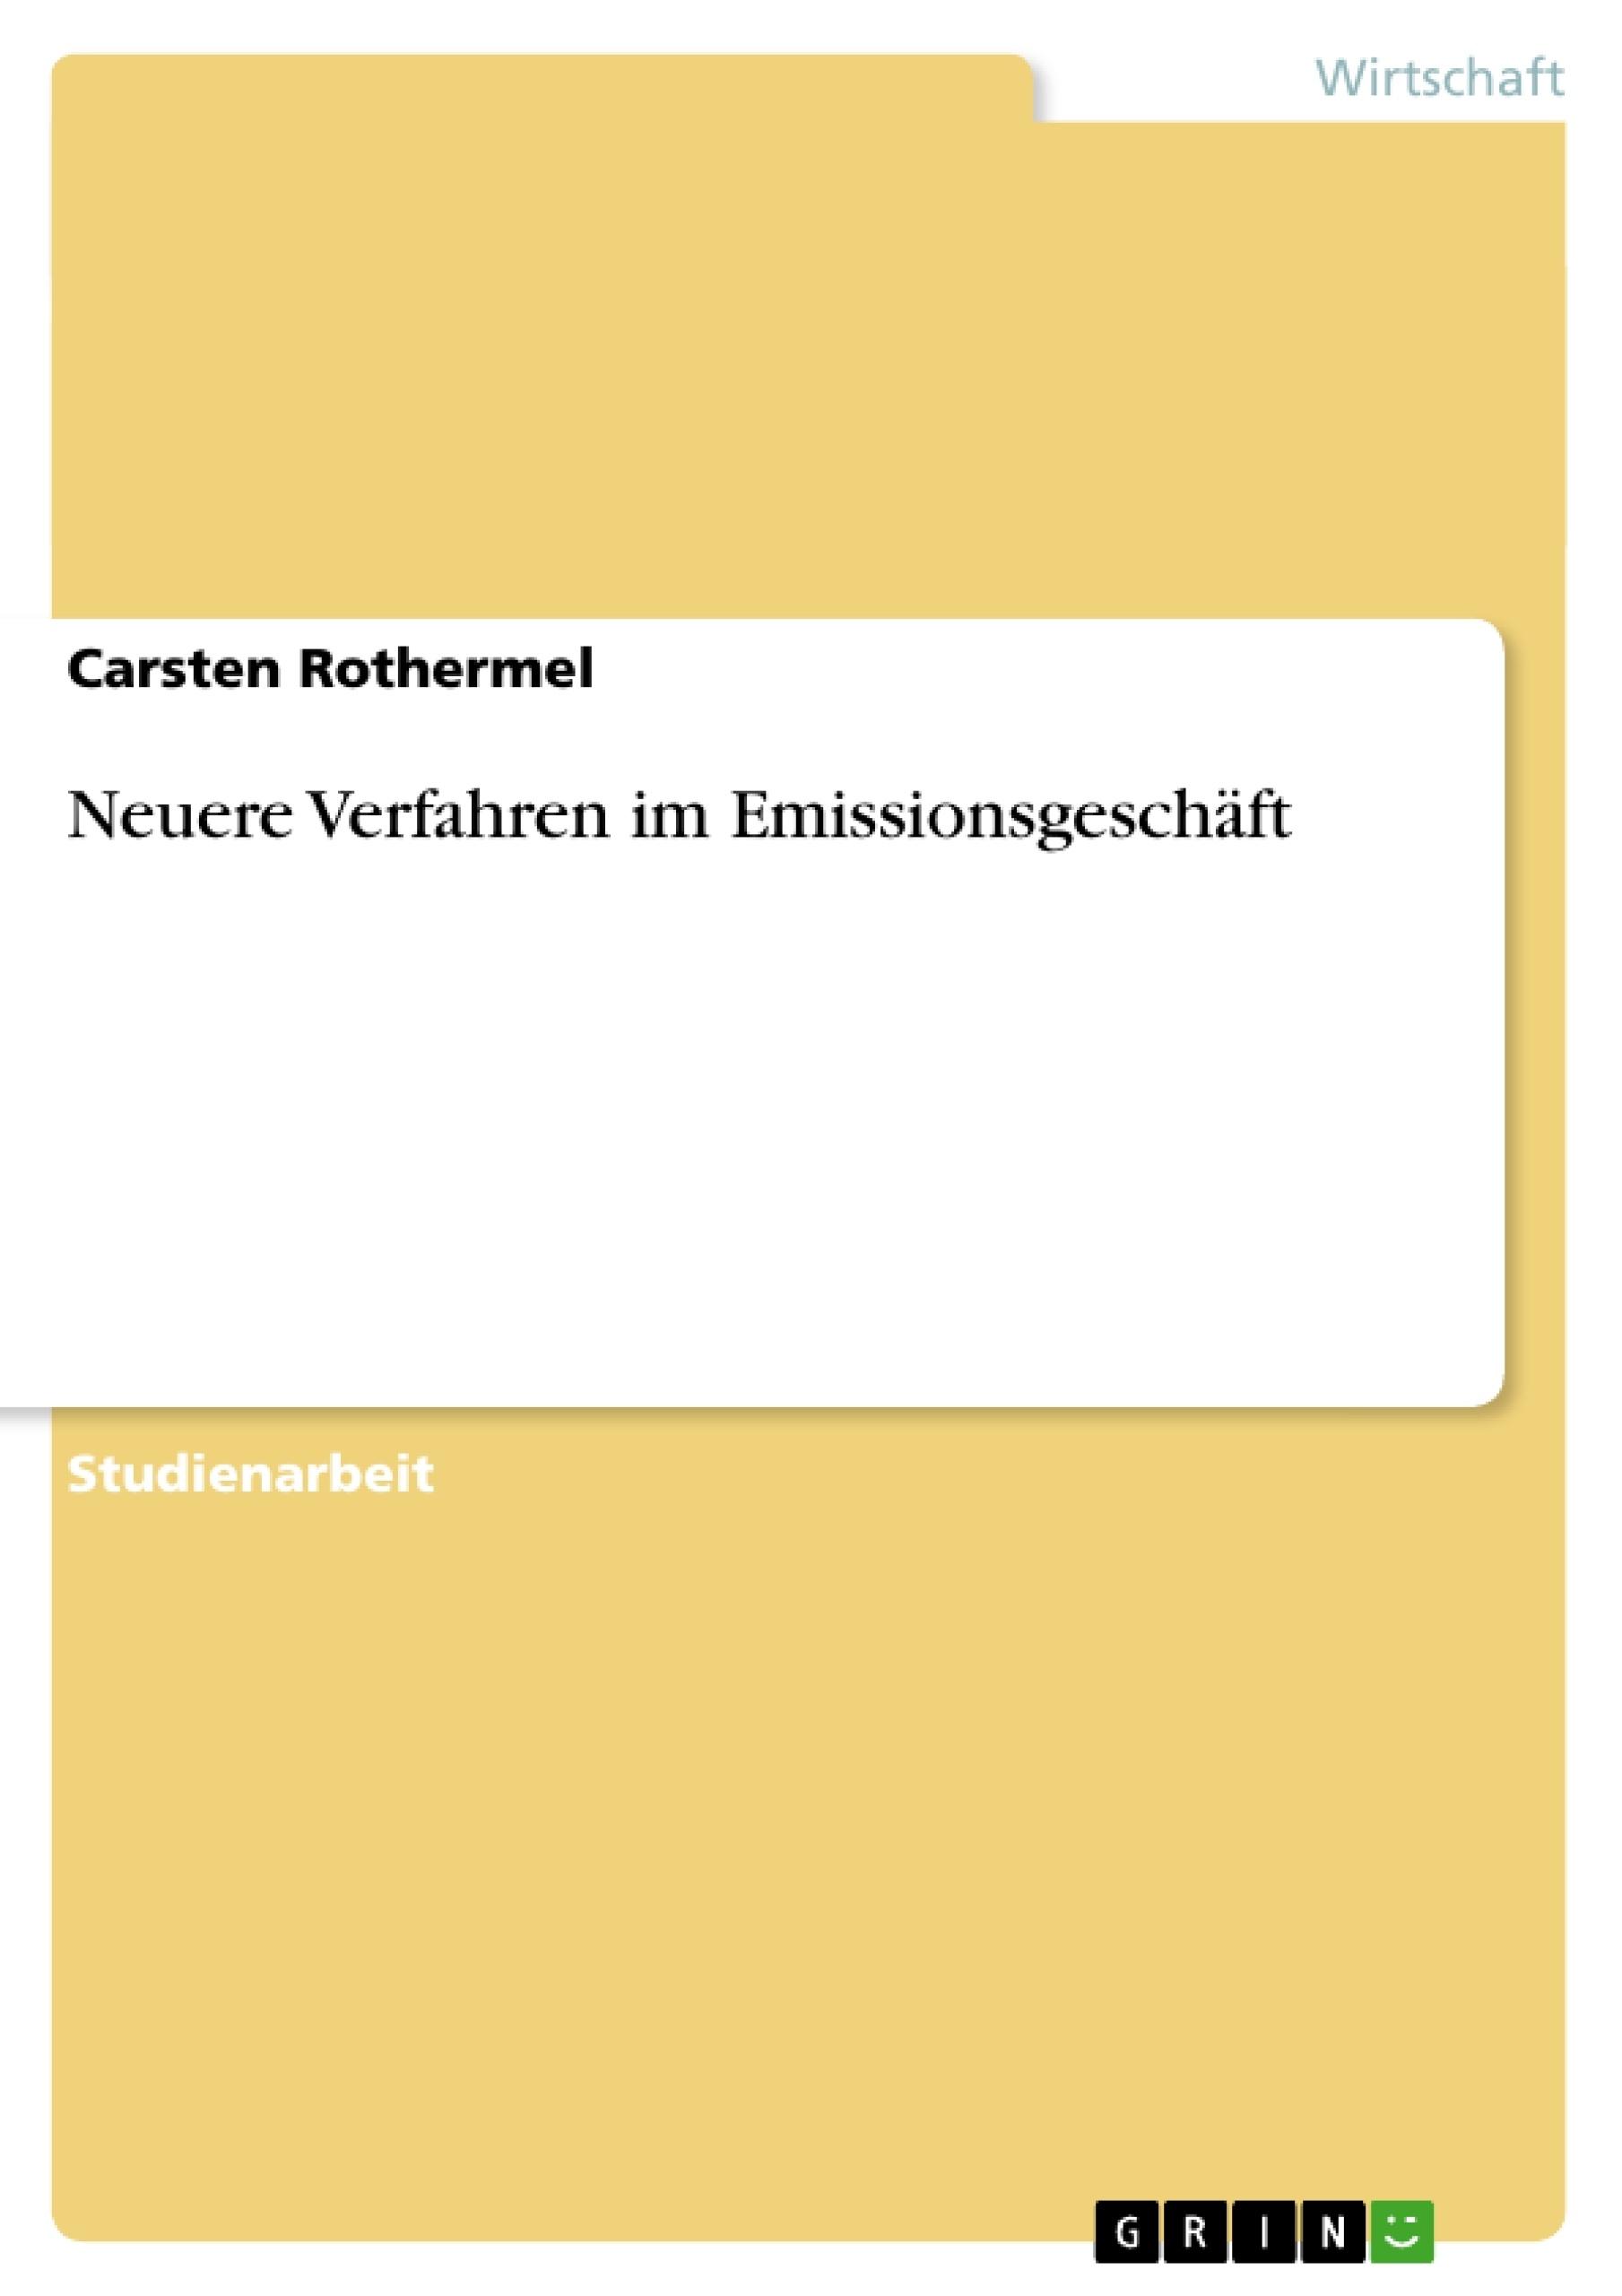 Titel: Neuere Verfahren im Emissionsgeschäft